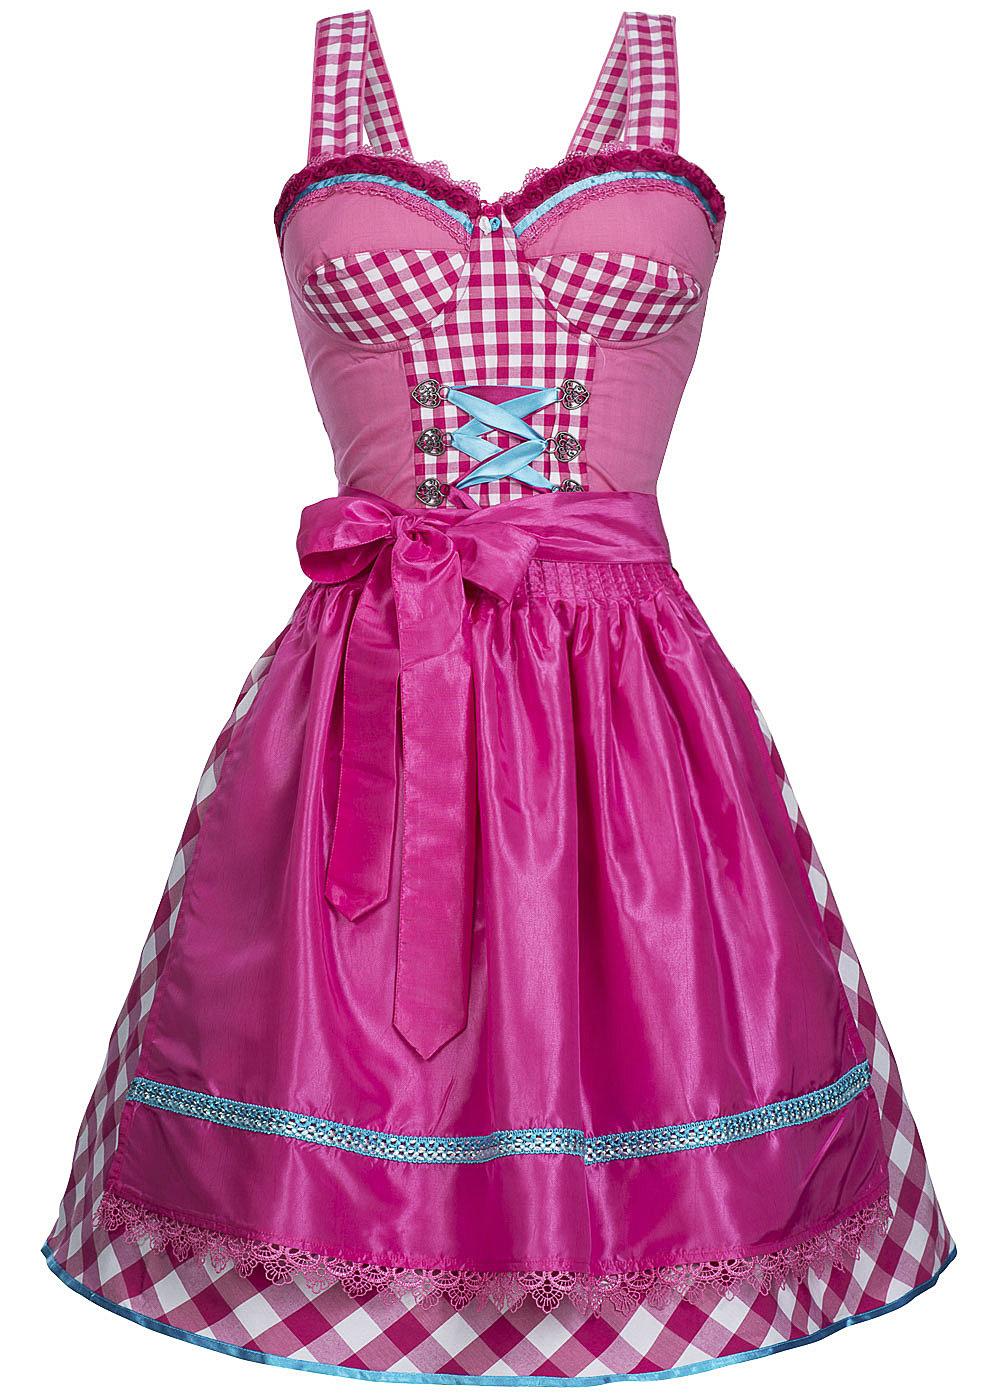 hailys damen dirndl am 1013153 mit sch rze brustpads kariert pink weiss blau. Black Bedroom Furniture Sets. Home Design Ideas